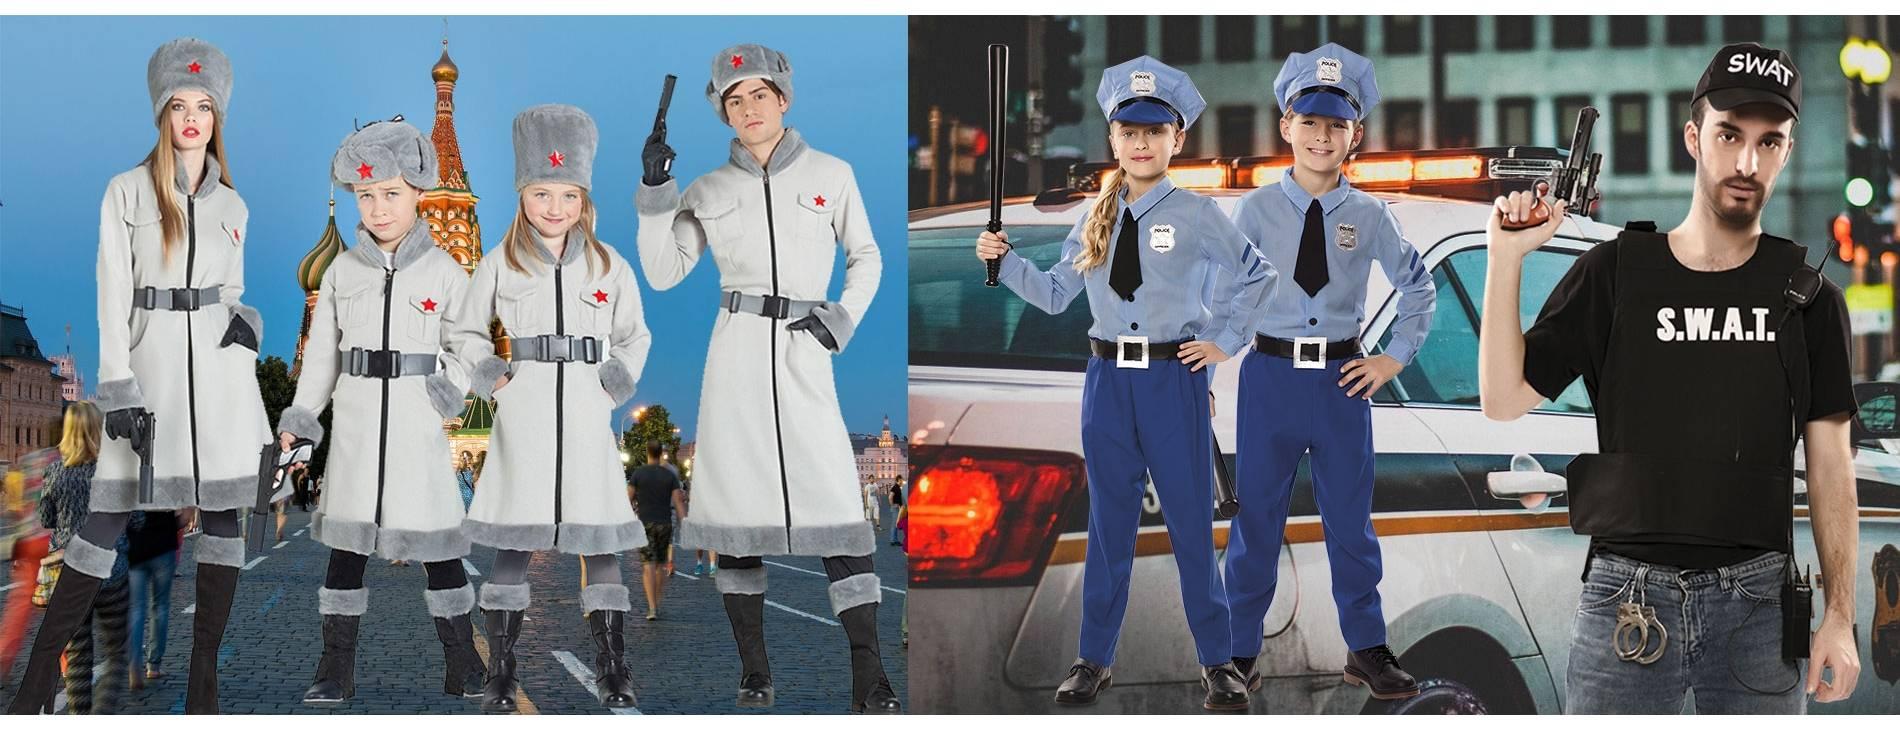 Spii e Poliziotti